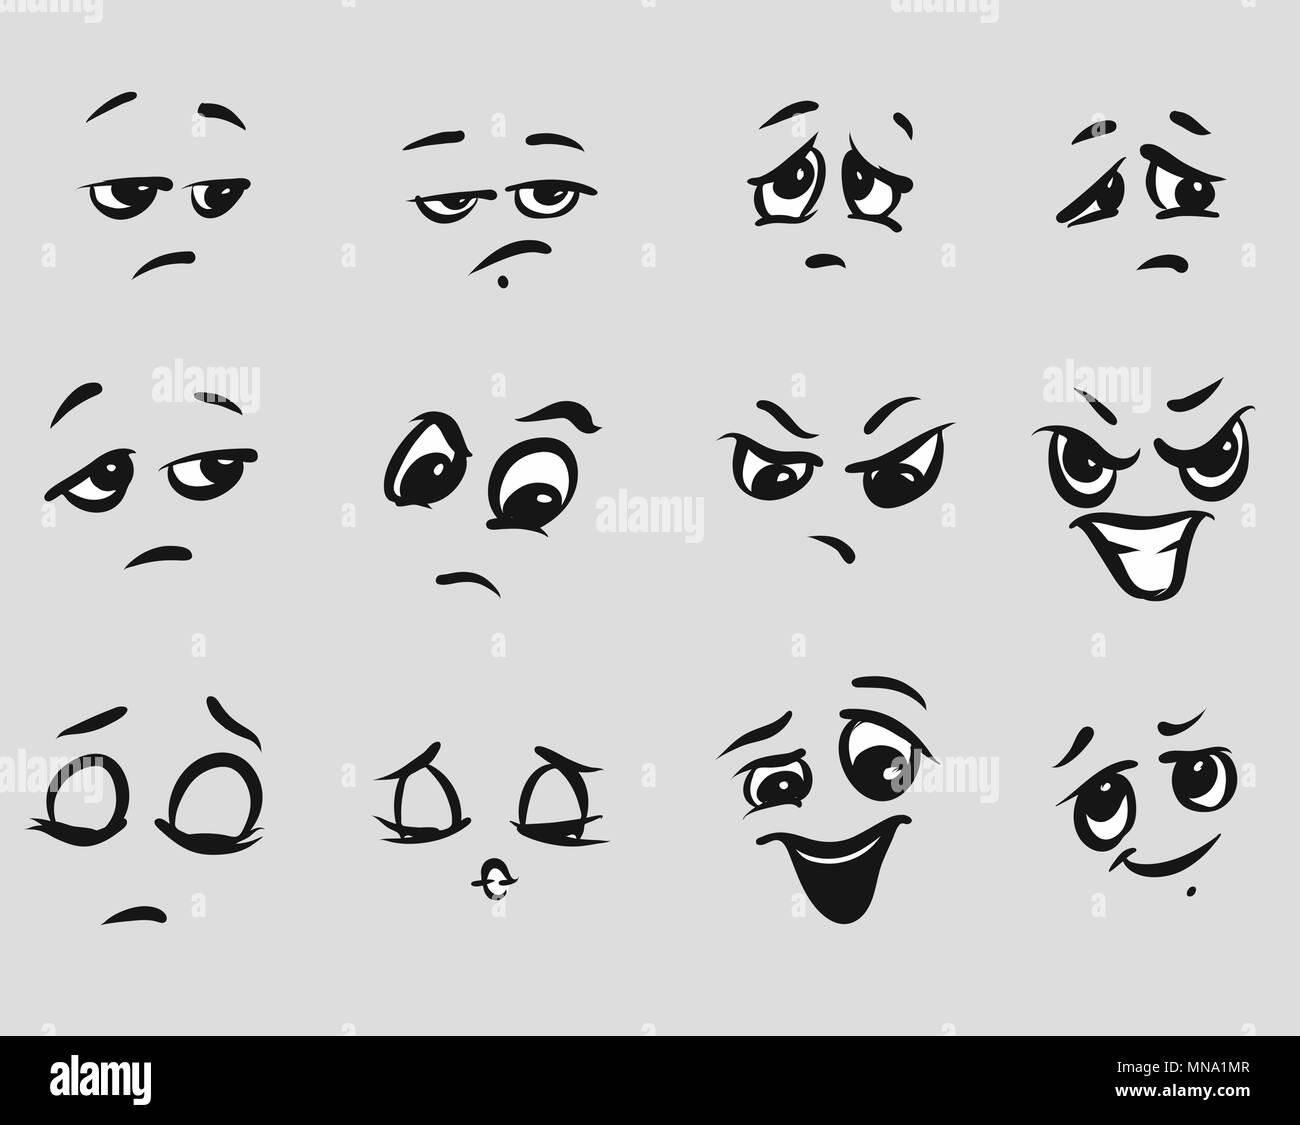 Twelf Enojado Expresiones De Dibujos Animados Rostros